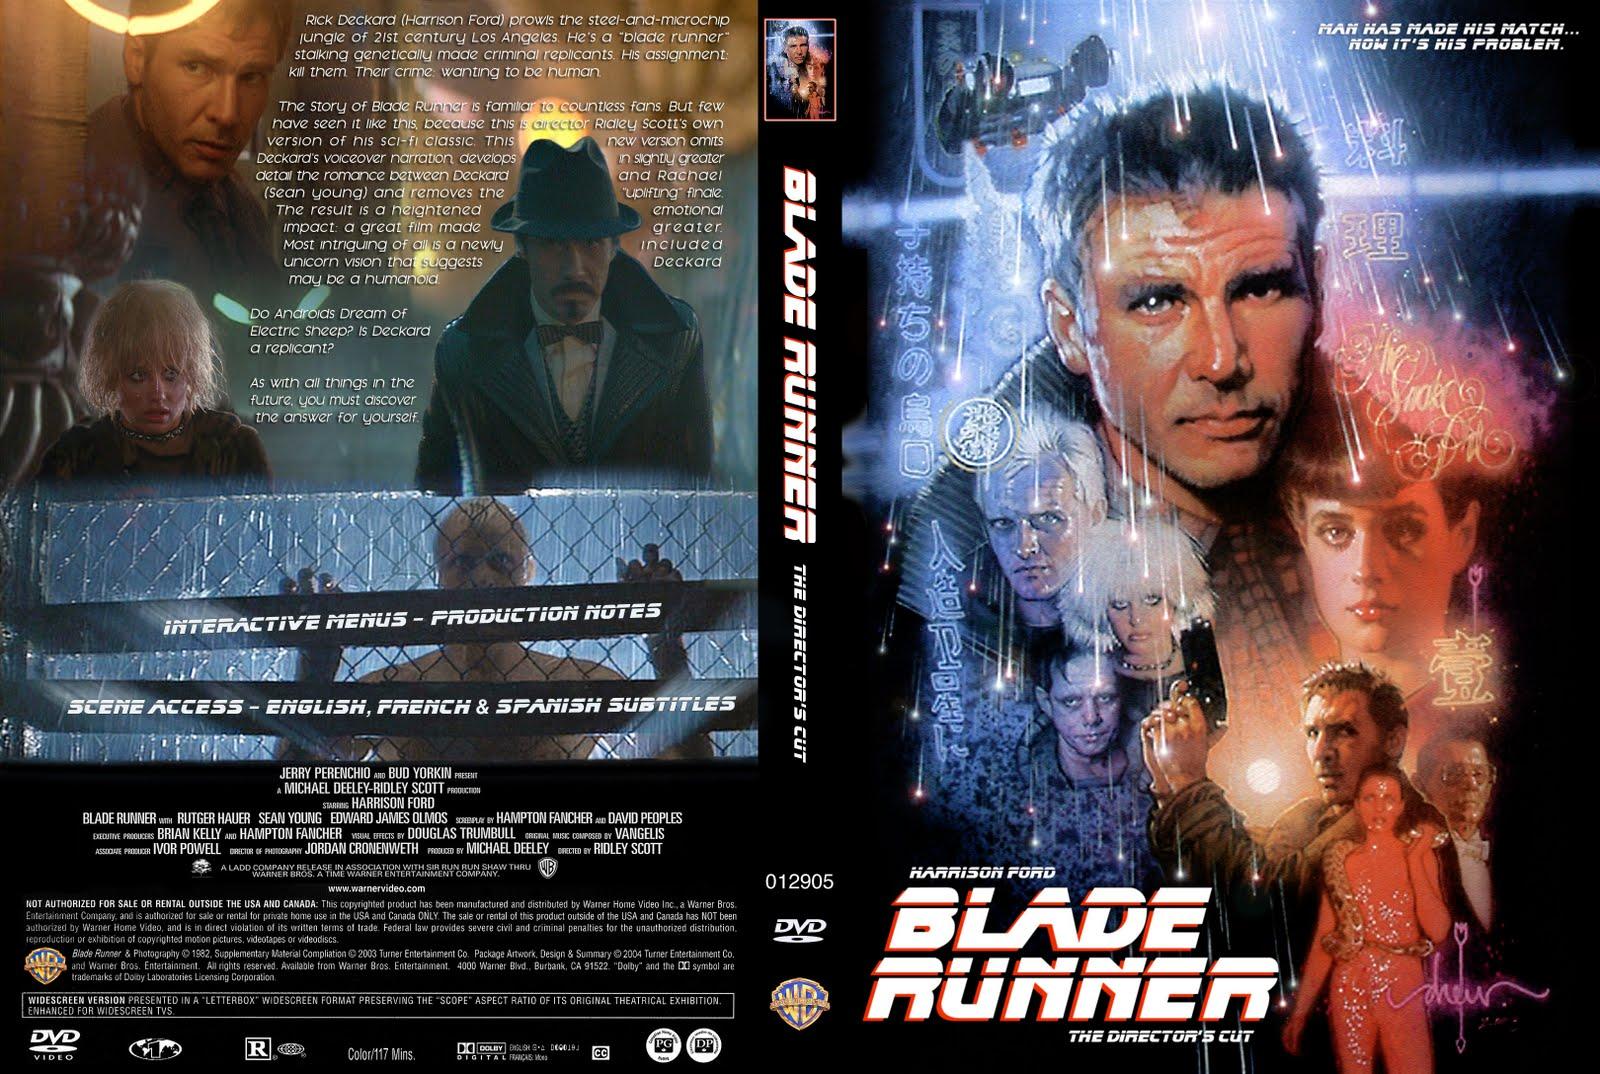 http://4.bp.blogspot.com/-26QHEkSvwUs/TxVQ7_49vfI/AAAAAAAABCk/T4Qm1NcGBuk/s1600/blade_runner_hires.jpg